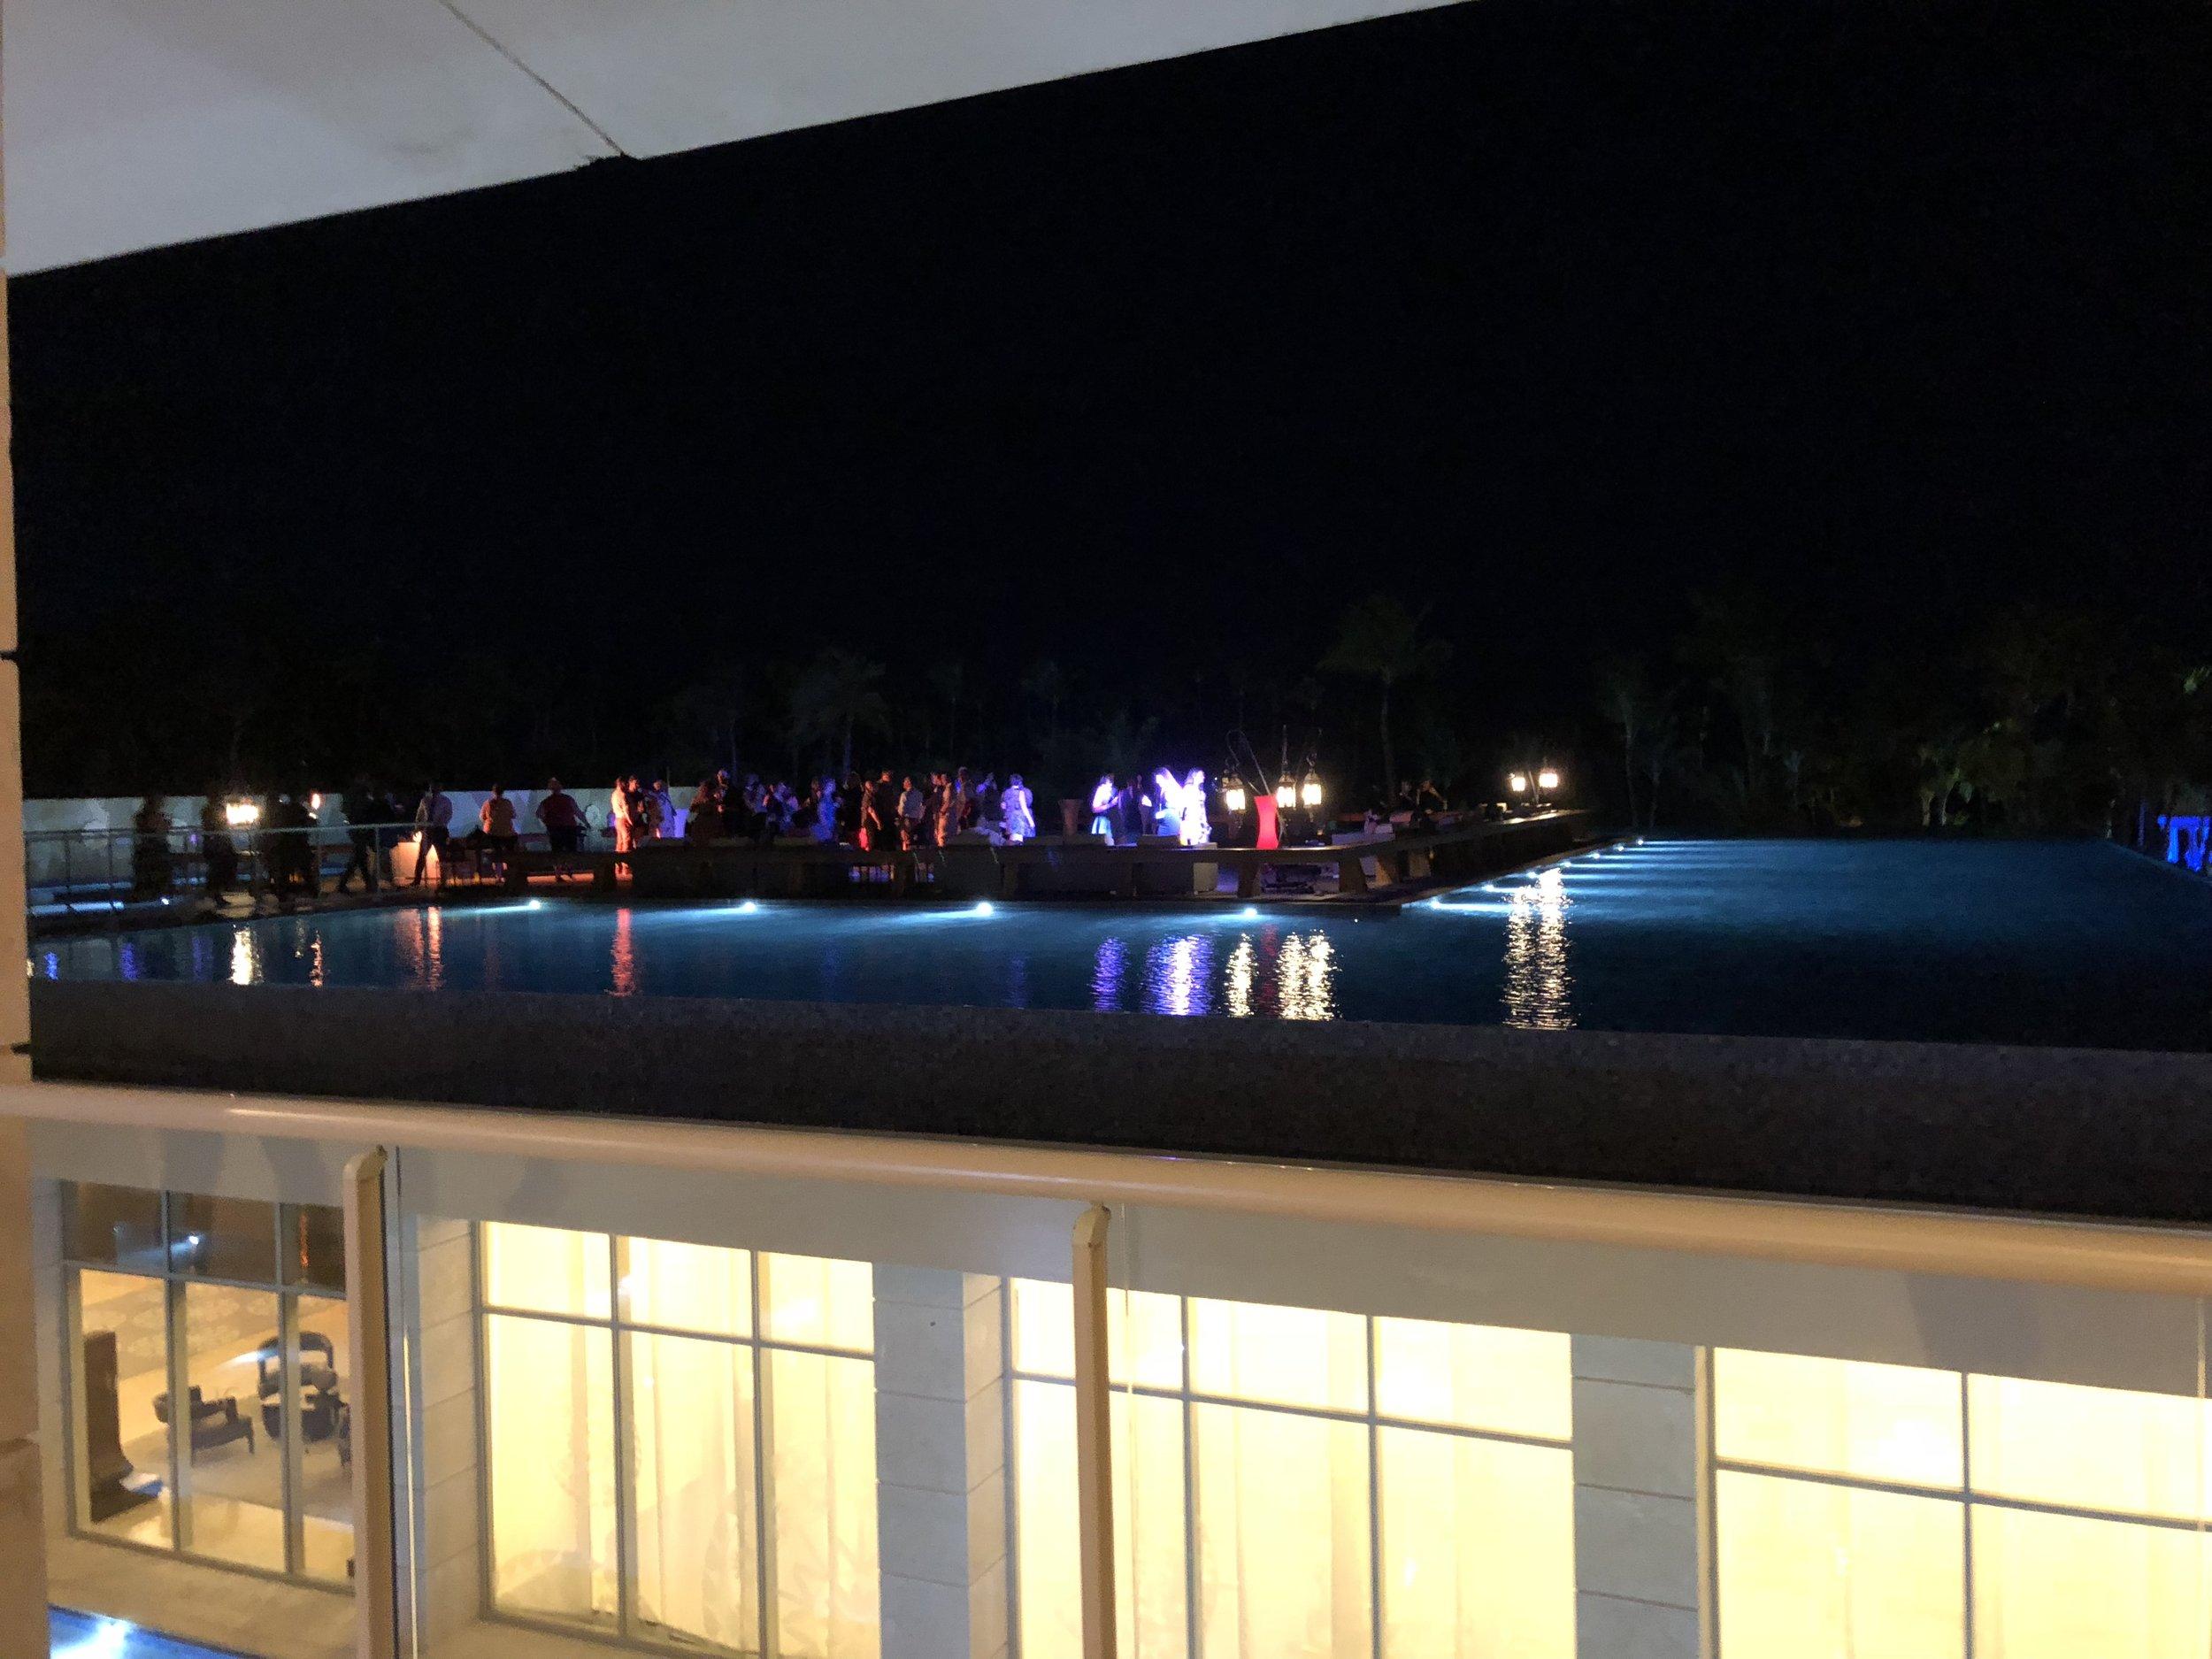 Cocktails overlooking the resort.